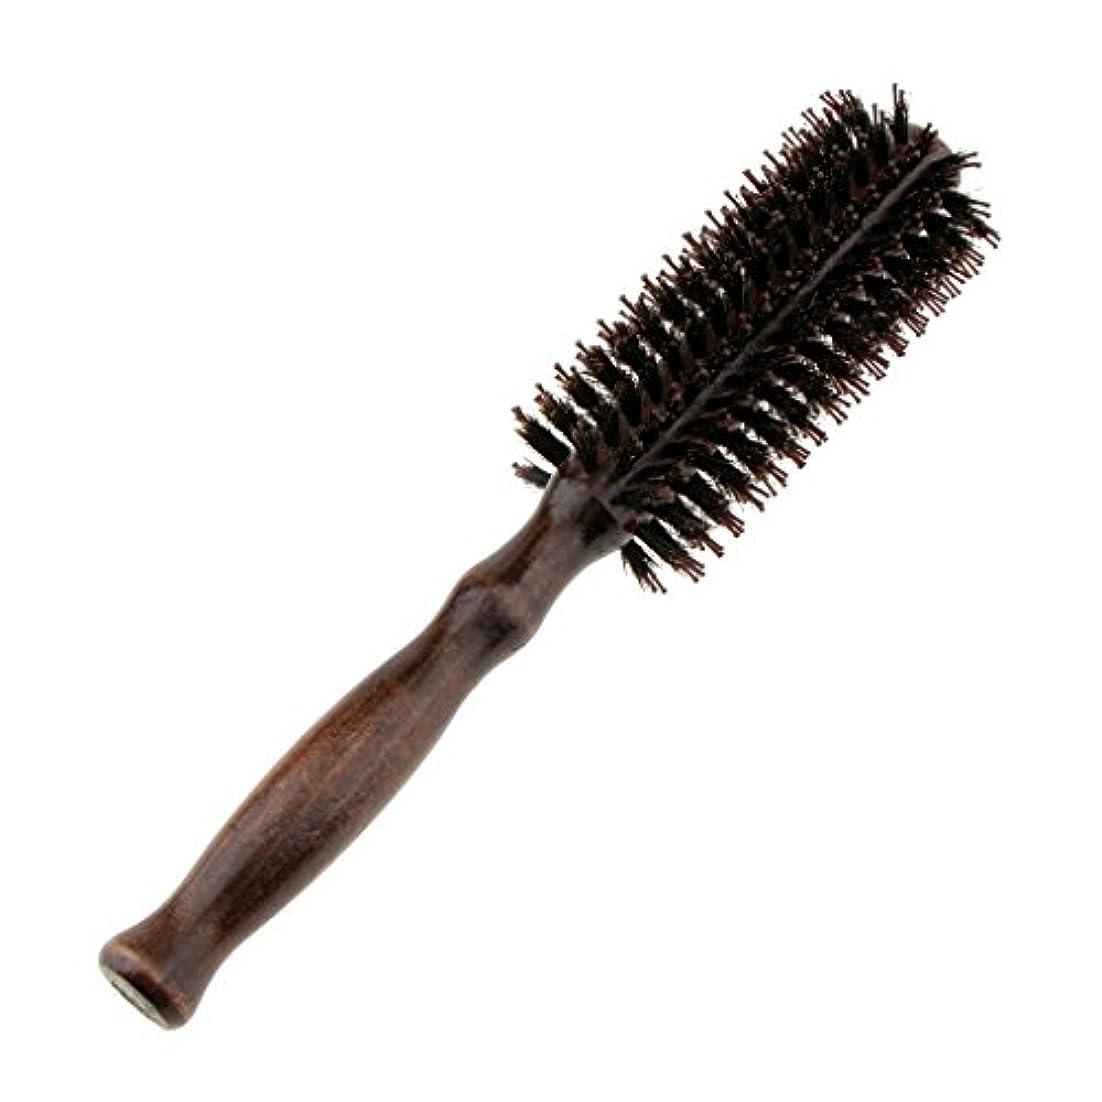 衝突する接触サーバントロールブラシ ヘアブラシ ラウンド ウッド ハンドル 理髪 美容 カール 2タイプ選べる - #1